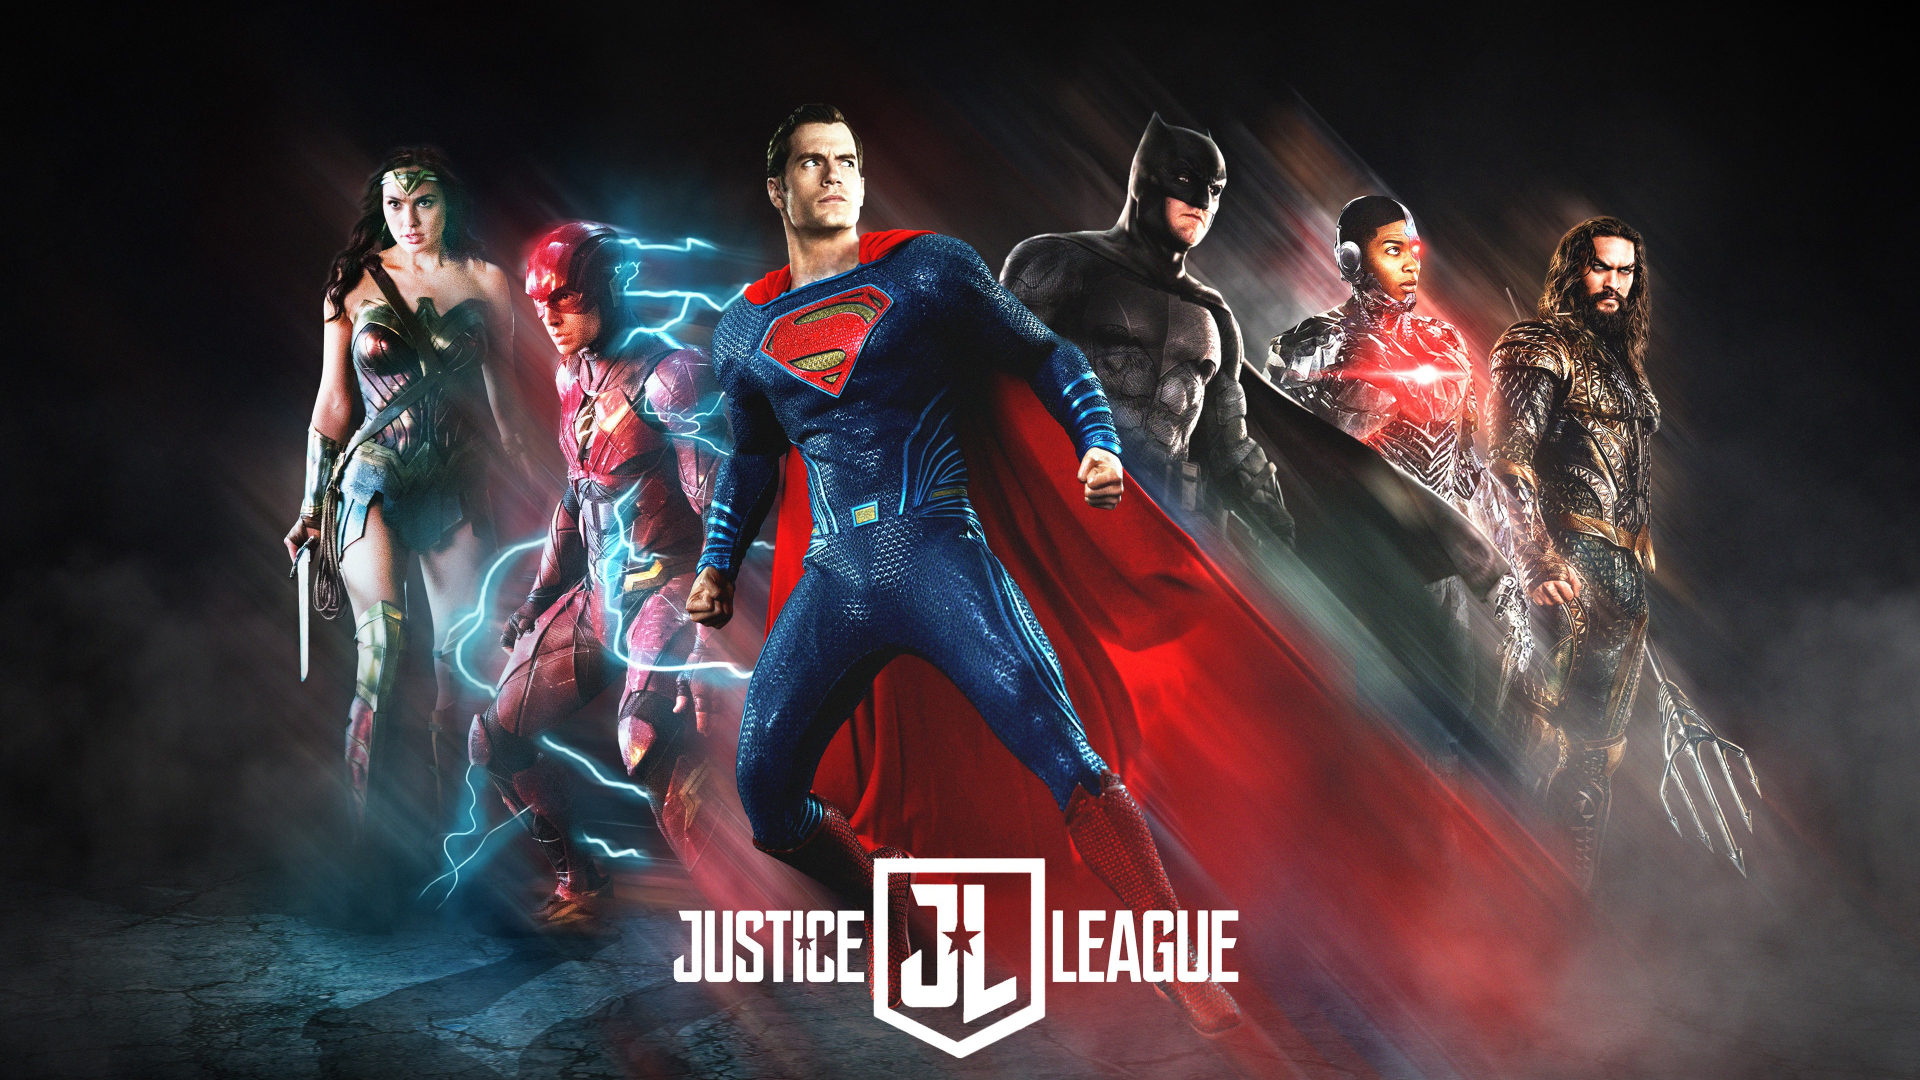 Download 1920x1080 Wallpaper Justice League Fan Art Movie